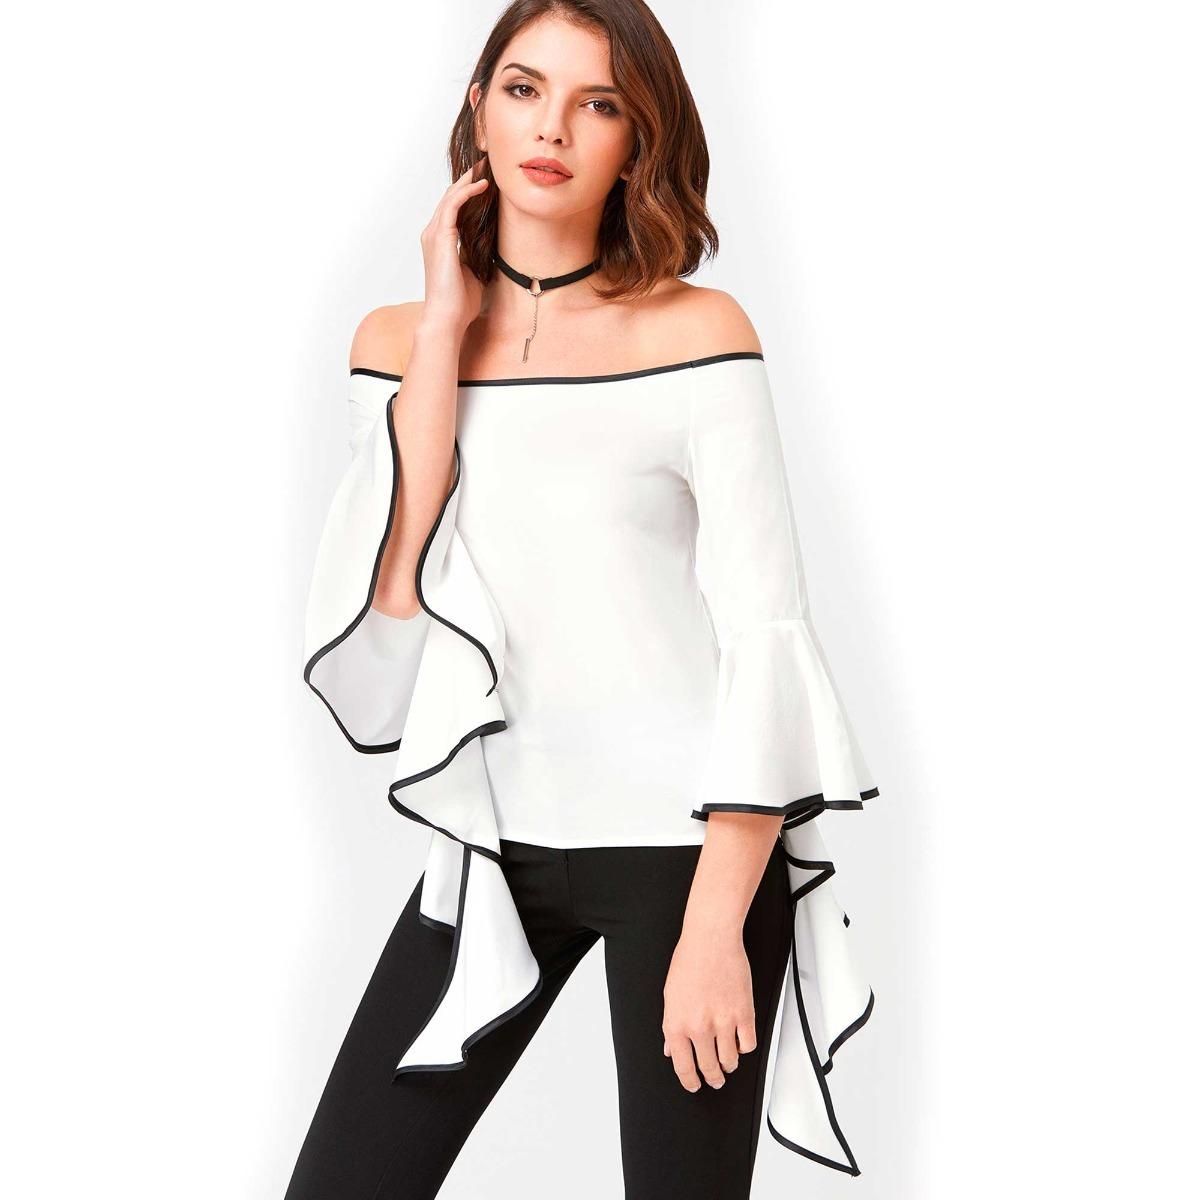 dec84c4edac50 Blusa Dama Elegante Blanco Y Negro -   58.650 en Mercado Libre